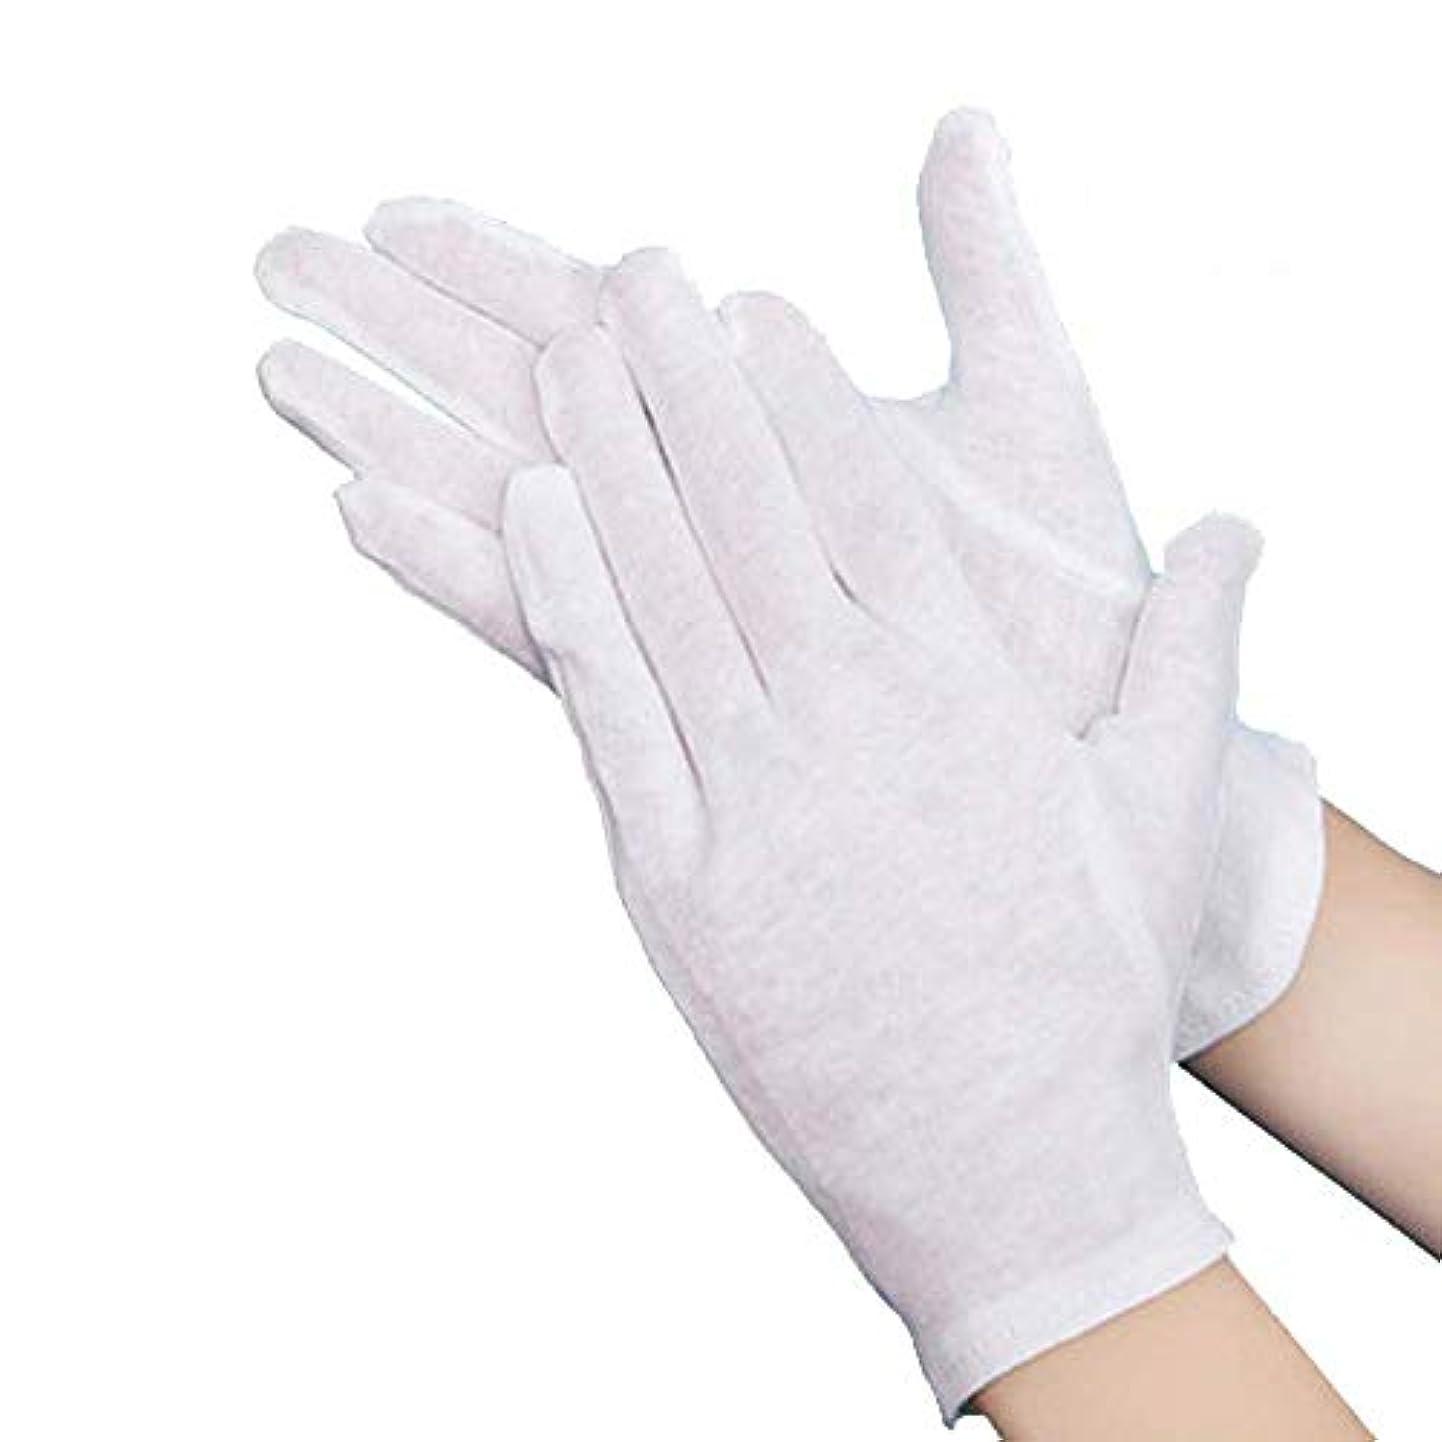 突撃広い馬鹿げた10双組 S 綿手袋 ン手袋 通気性 コッ